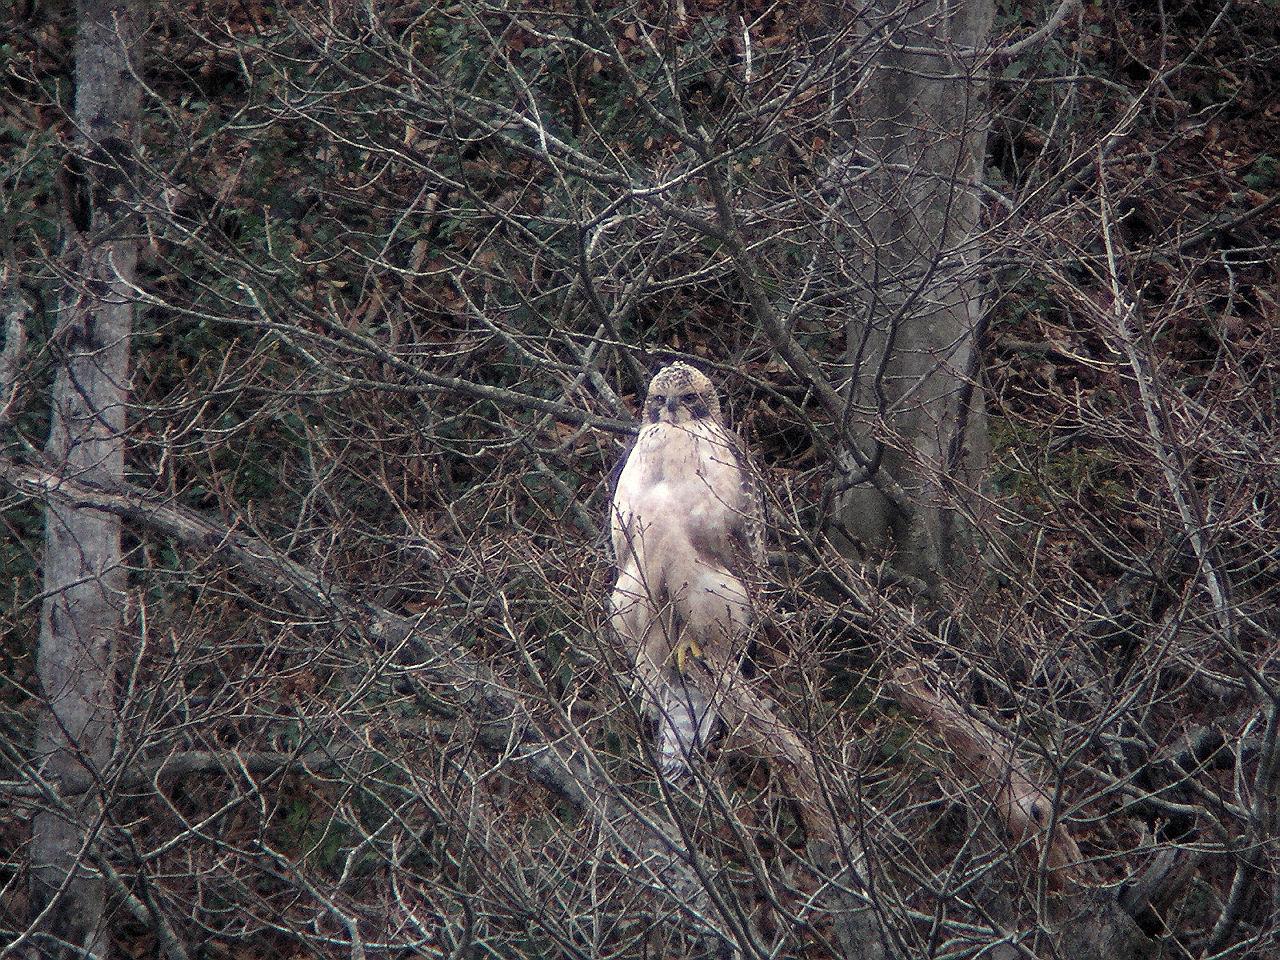 ブナの森に潜む高貴なるタカ(その2)